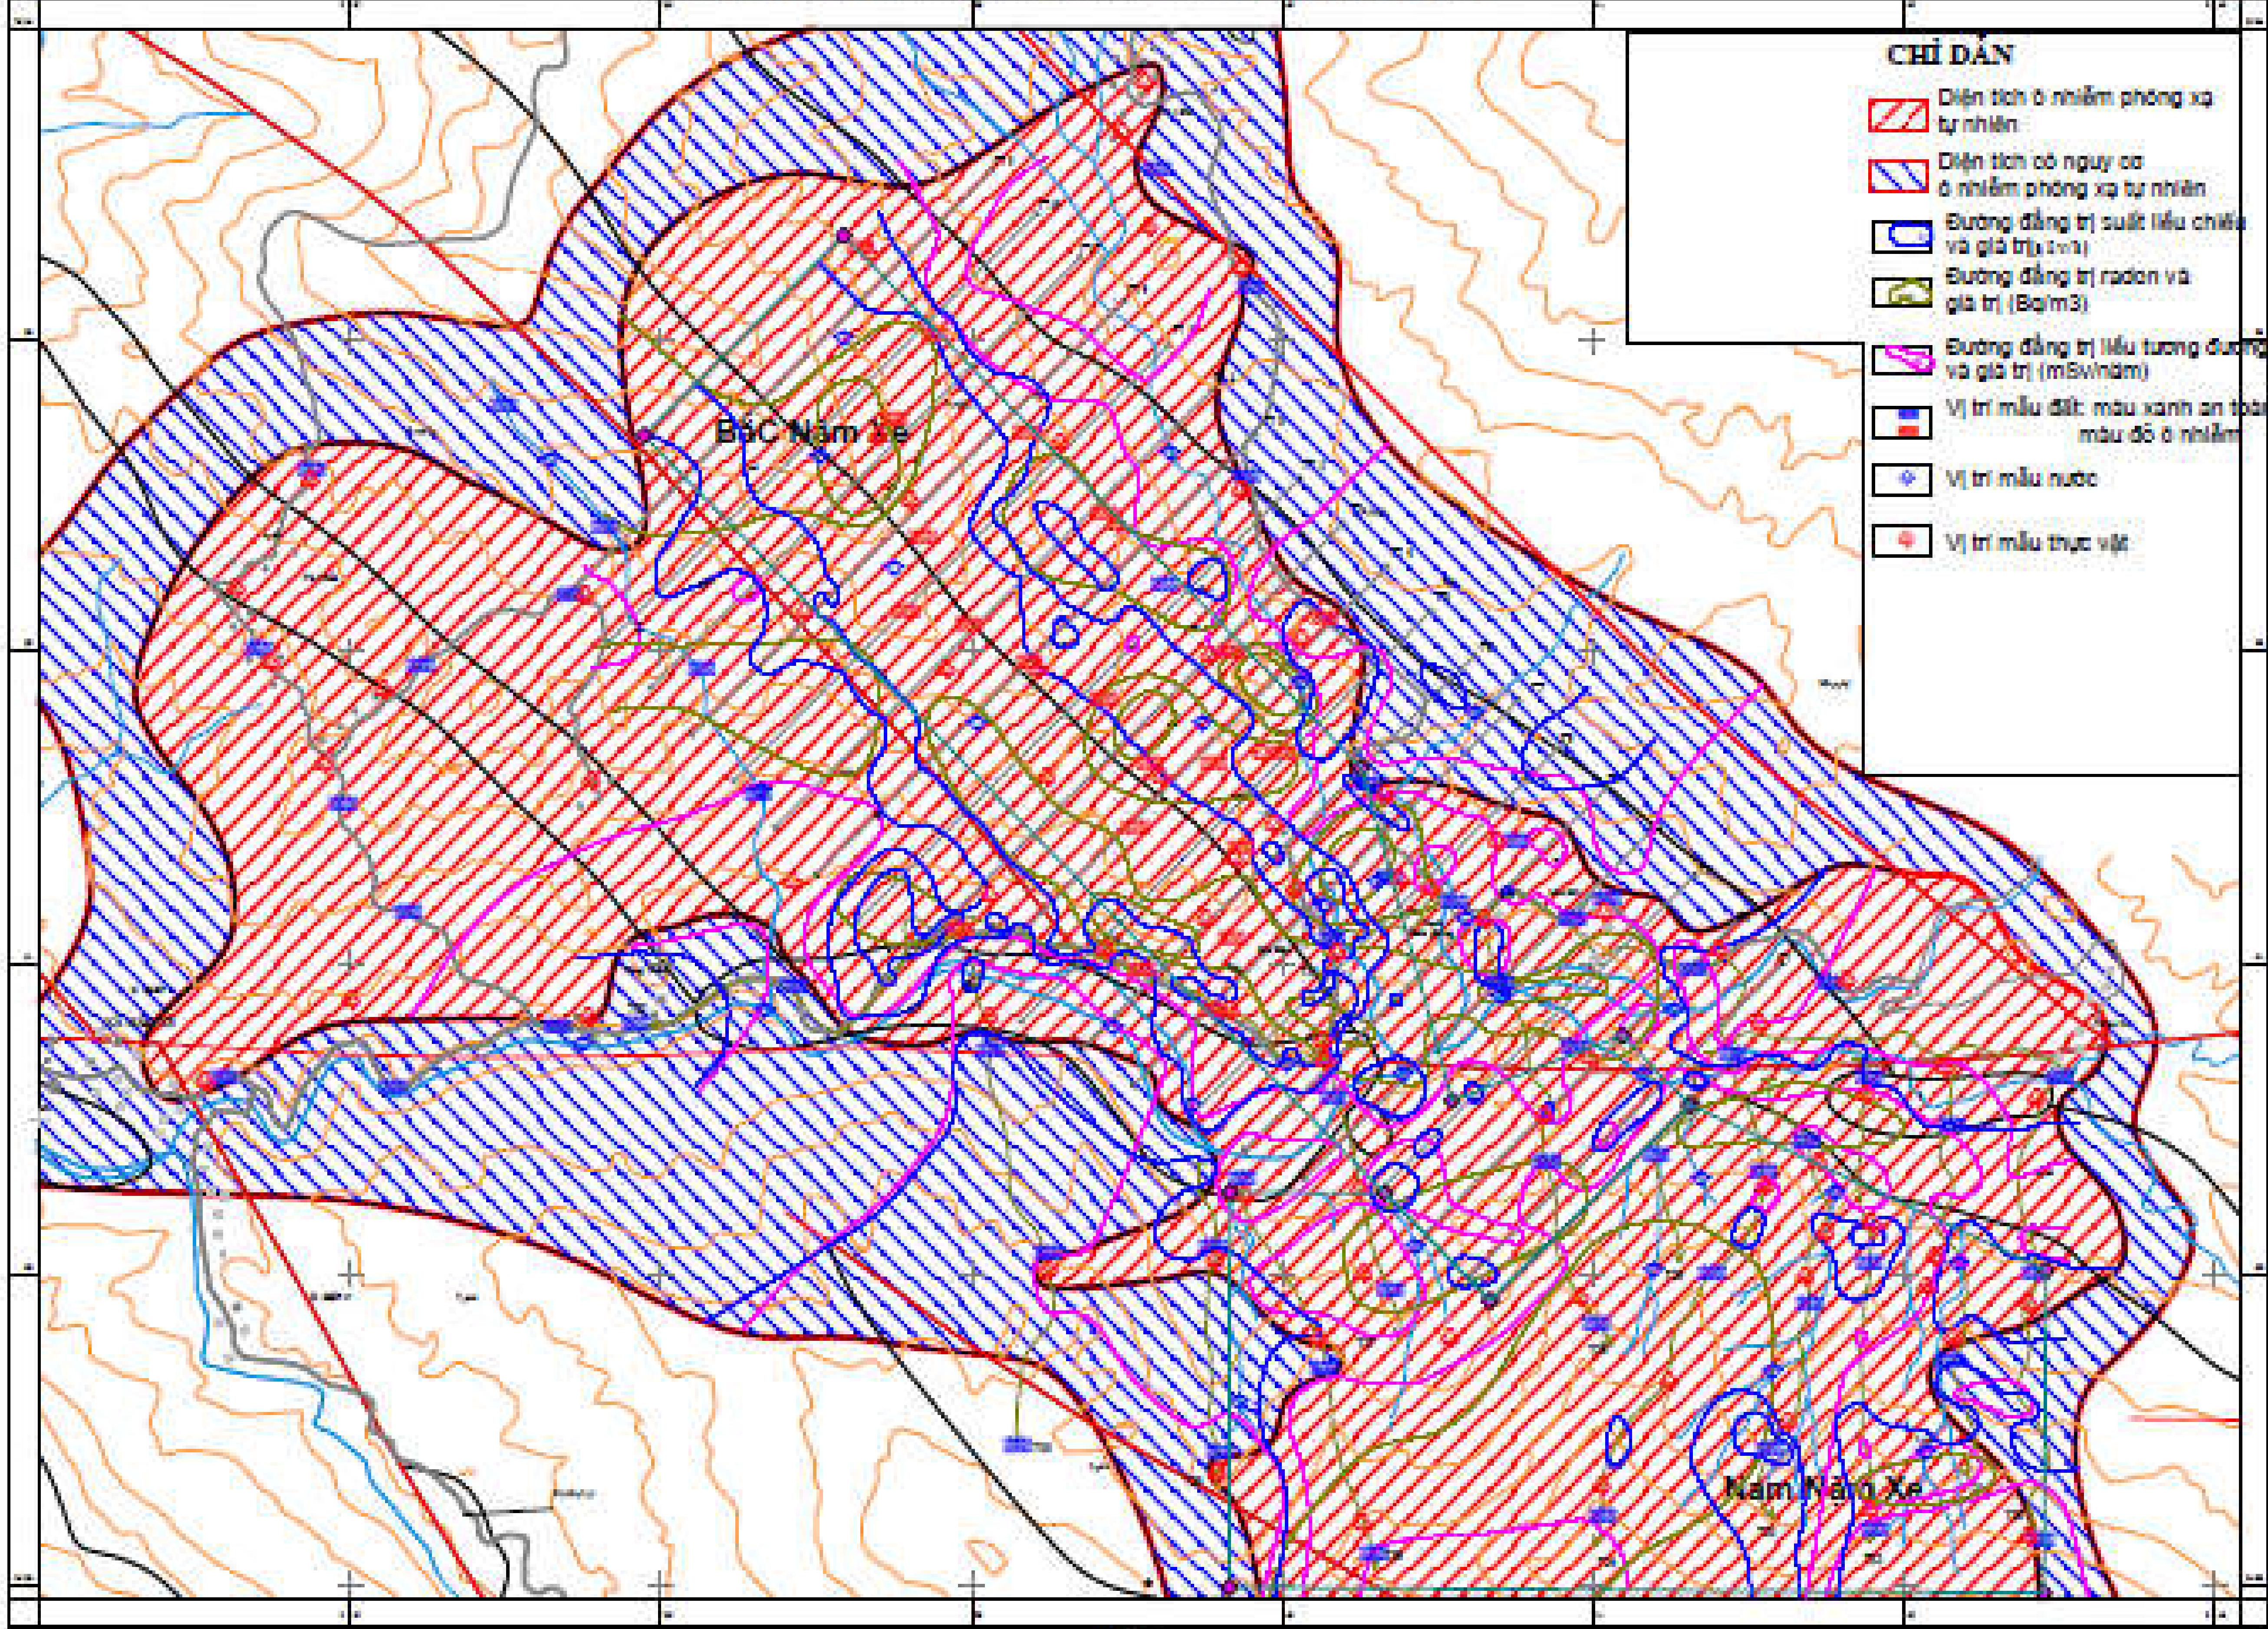 Bản đồ phân vùng ô nhiễm phóng xạ do nhóm xây dựng của mỏ Nậm Xe. Nguồn: PGS.TS Phan Quang Văn.